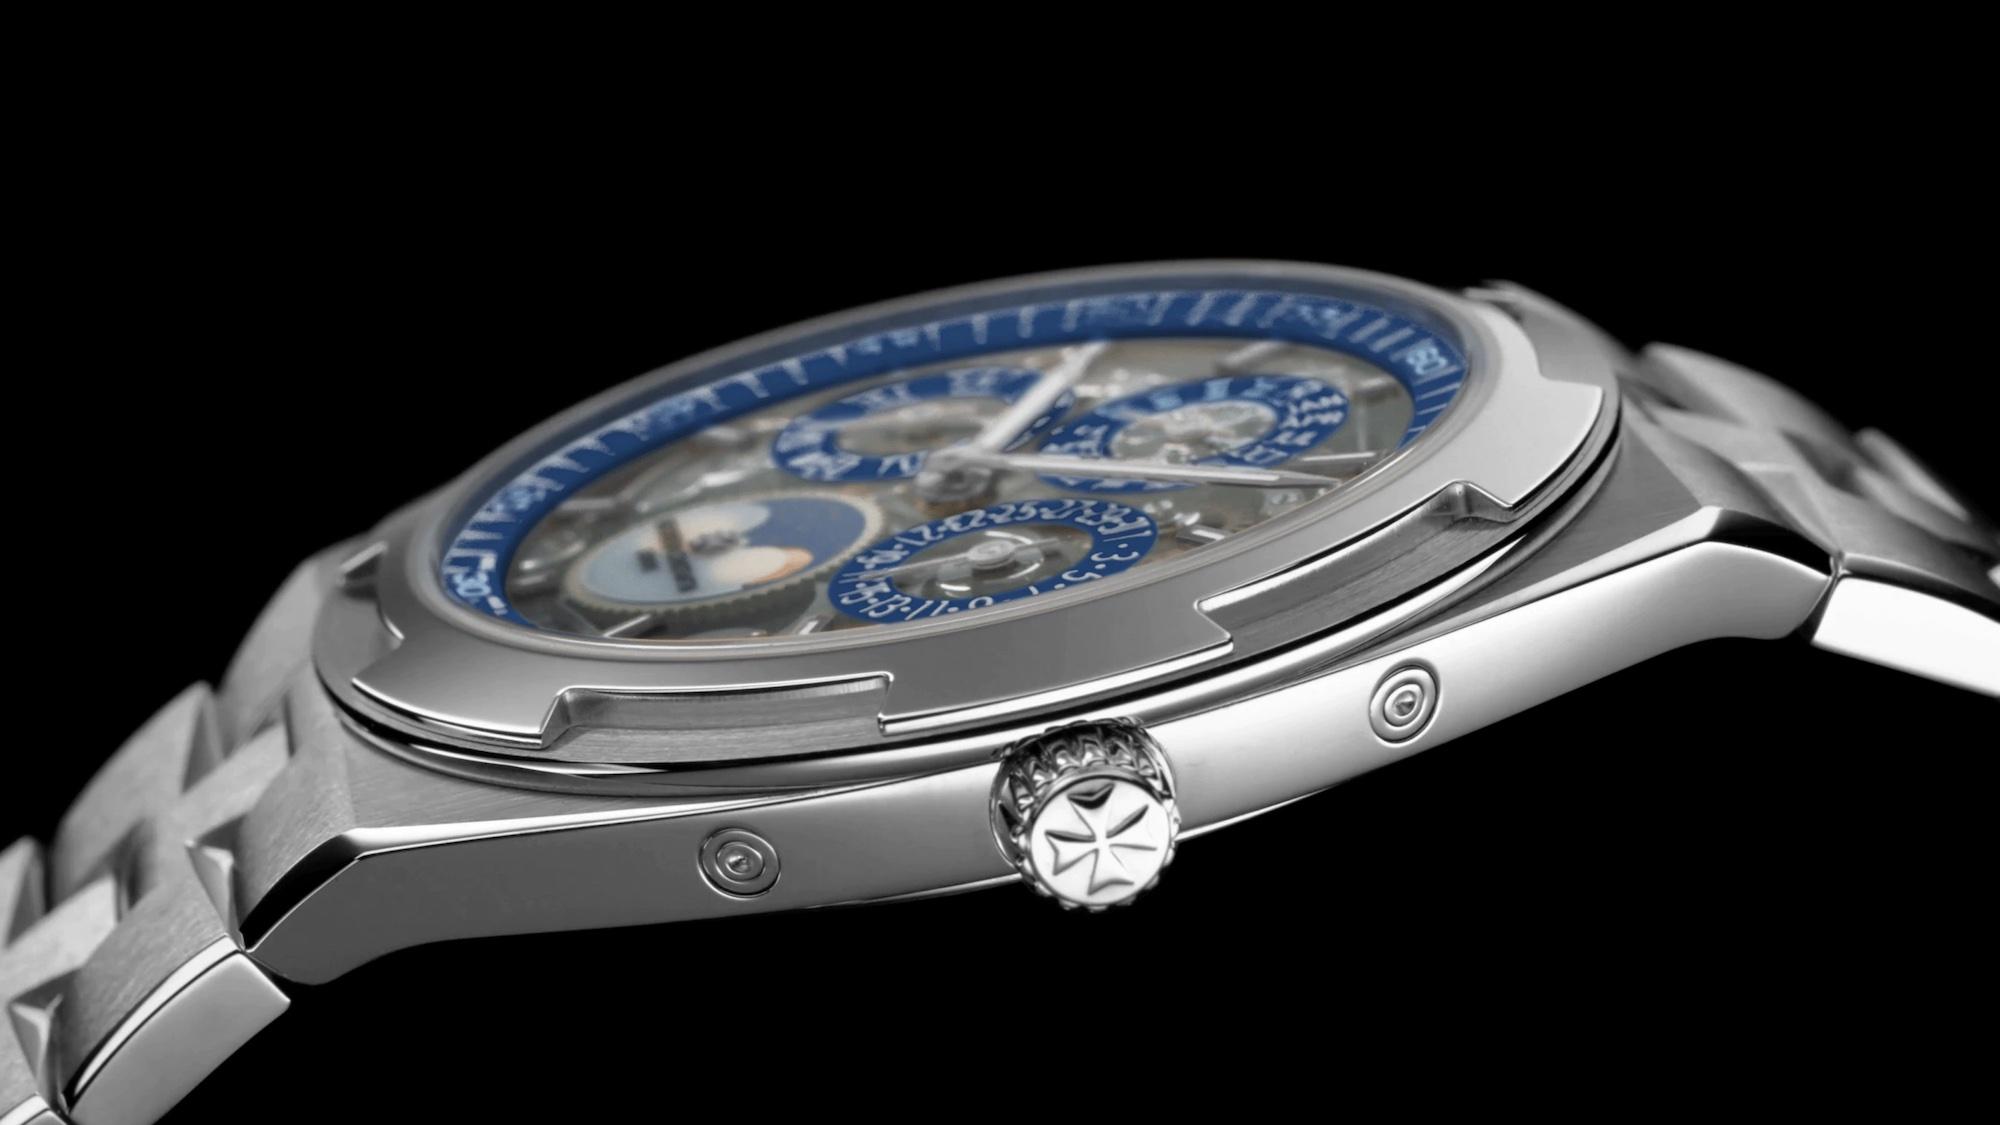 Vacheron Constantin Overseas Perpetual Calendar Ultra-thin Skeleton 4300V:120G-B946 Detalle carrura